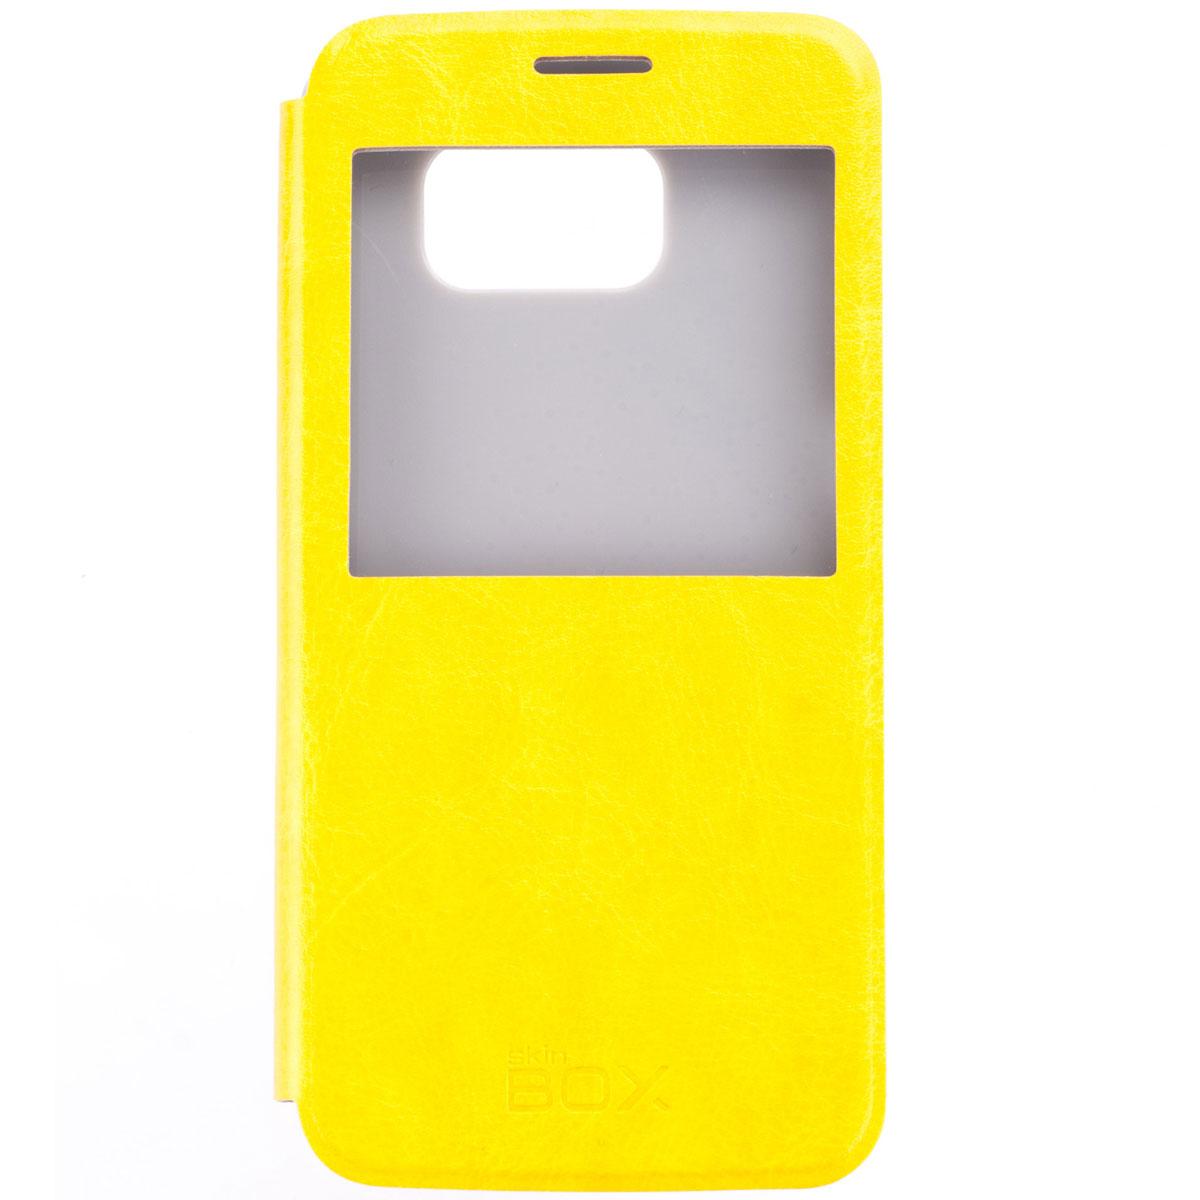 Skinbox Lux AW чехол для Samsung Galaxy S6, YellowT-S-SGS6-004Чехол Skinbox Lux AW выполнен из высококачественного поликарбоната и экокожи. Он обеспечивает надежную защиту корпуса и экрана смартфона и надолго сохраняет его привлекательный внешний вид. Чехол также обеспечивает свободный доступ ко всем разъемам и клавишам устройства.